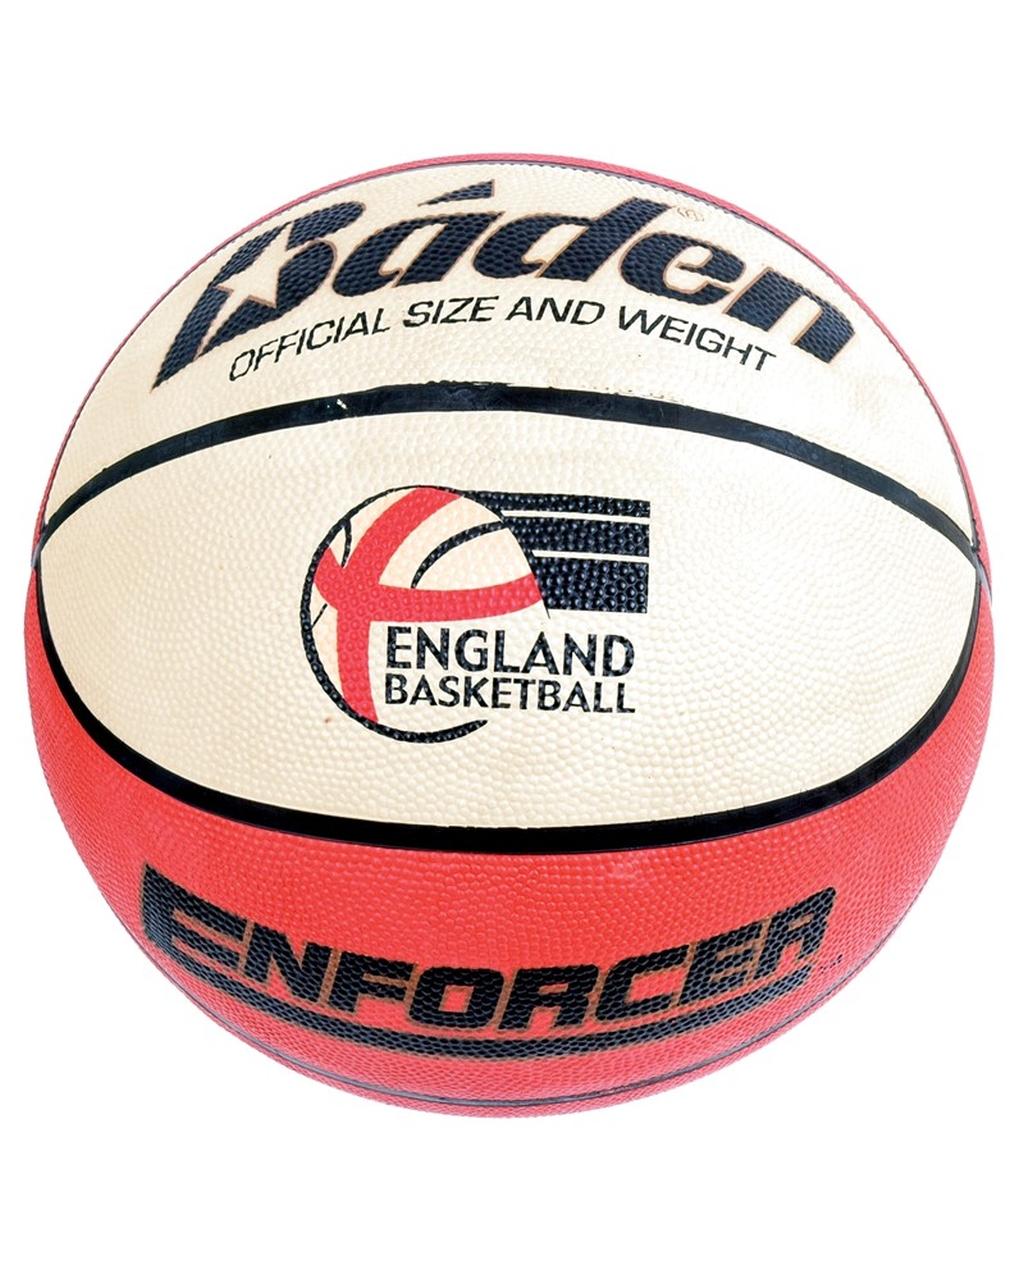 Baden Enforcer Basketball size 5